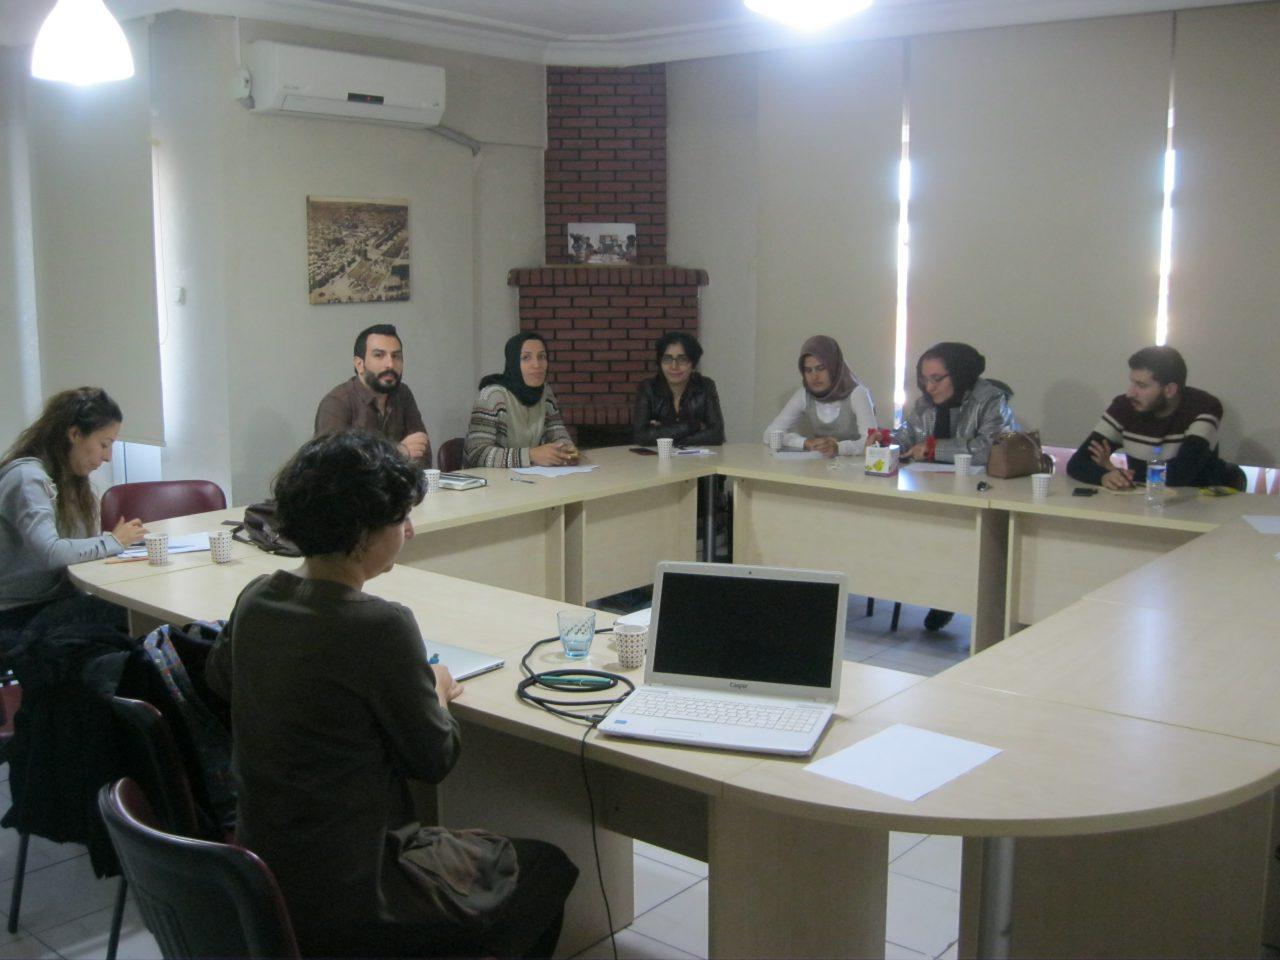 DİSA Kentsel Araştırma Yöntemleri Seminer Programı Sona Erdi